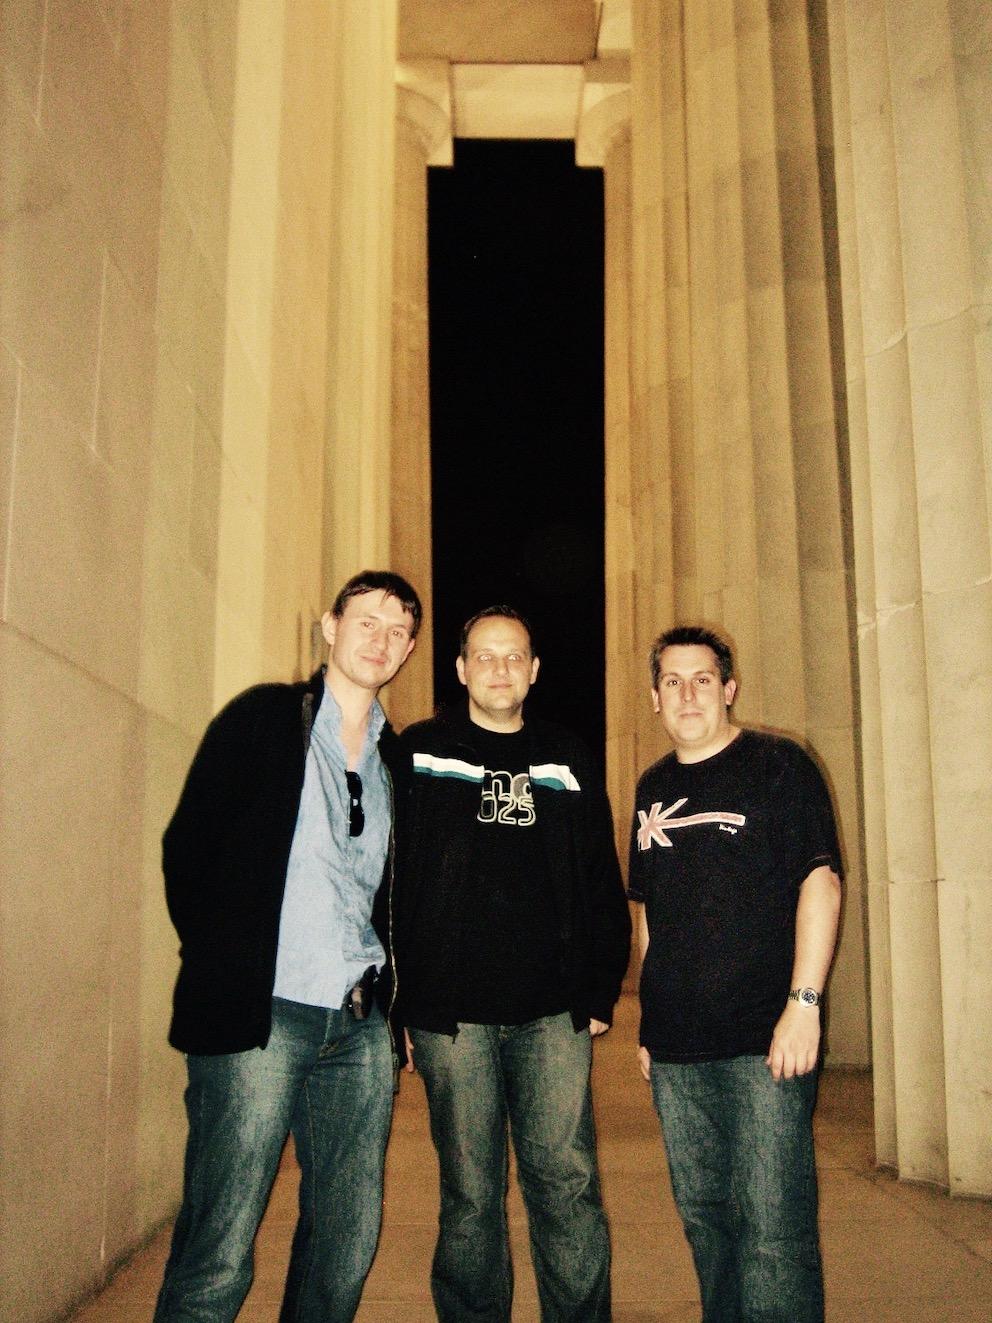 Washington DC Nostalgia visiting The Lincoln Memorial